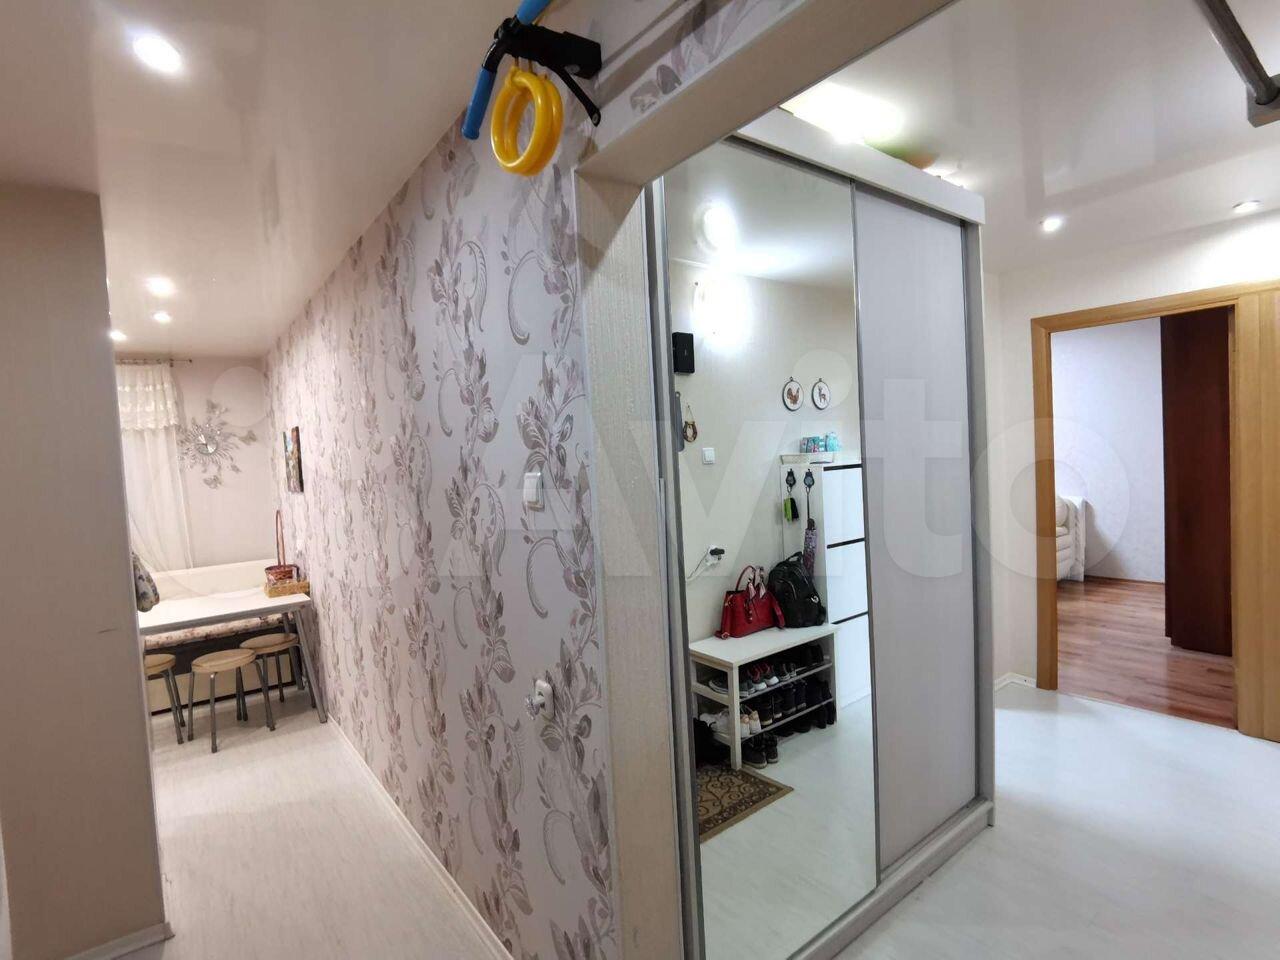 2-к квартира, 51.1 м², 7/9 эт.  89630210533 купить 4